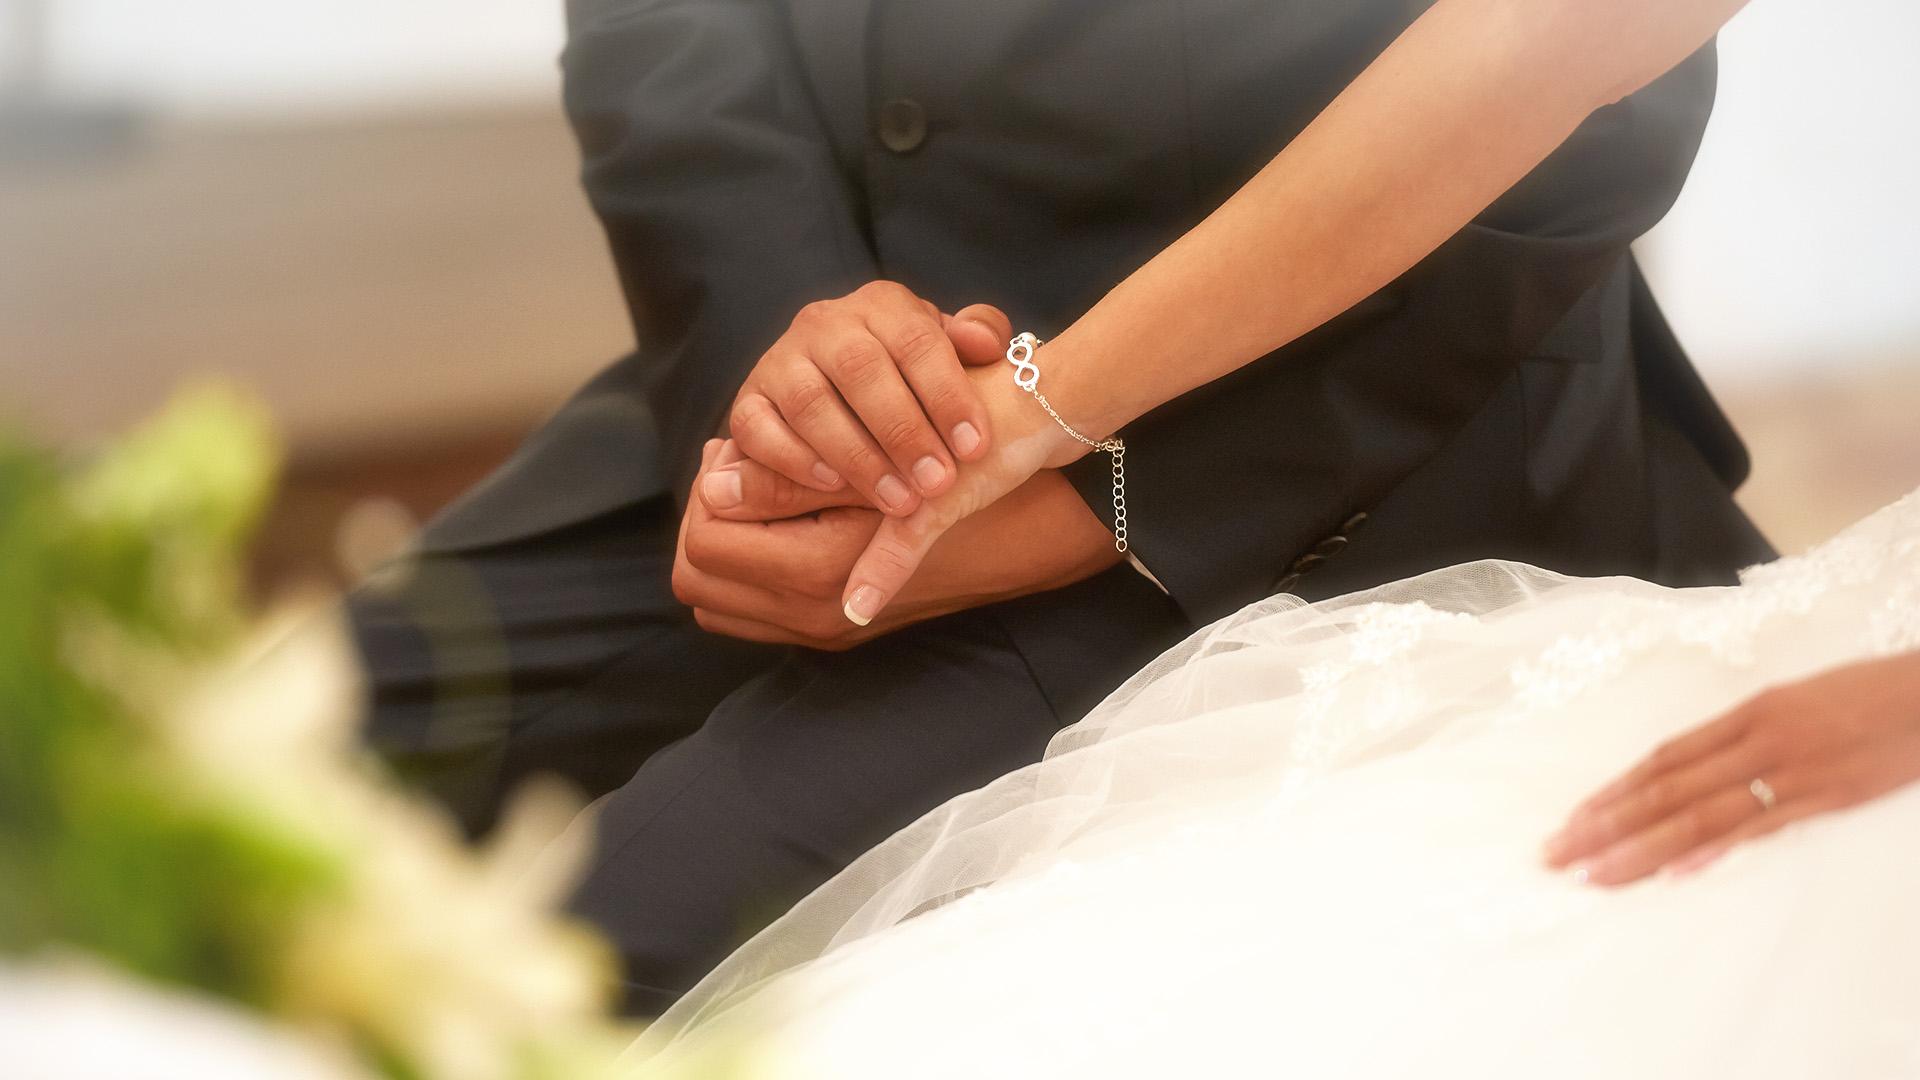 Reportage der Kirche Ehepaar Händchen halten bei der Trauung